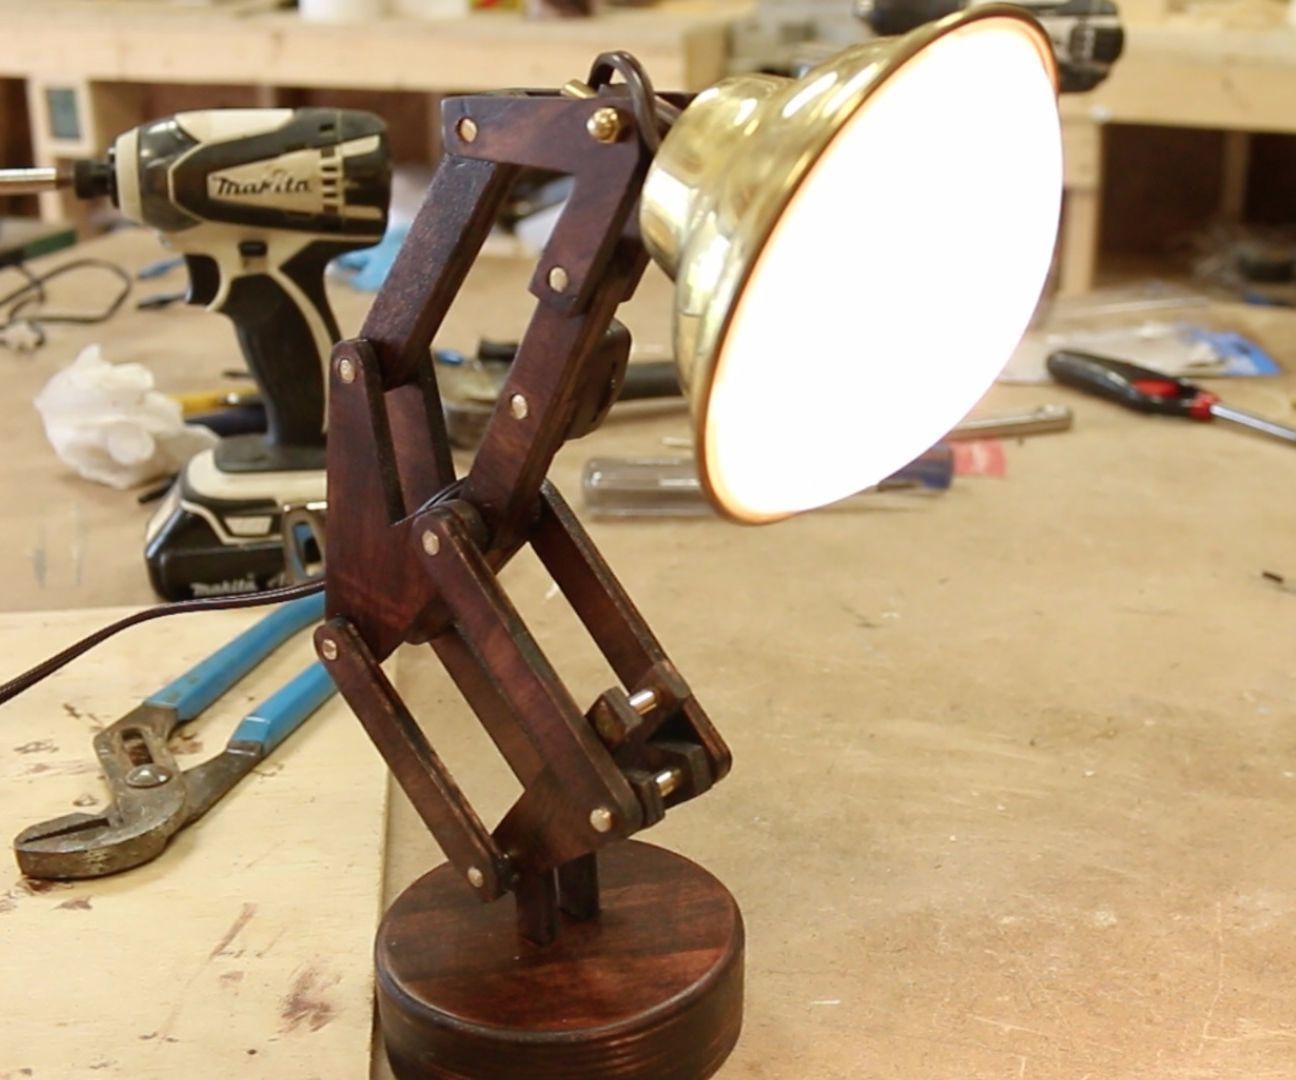 Drawn bulb pixar lamp Inspired): 6 Jr (Pixar DIY